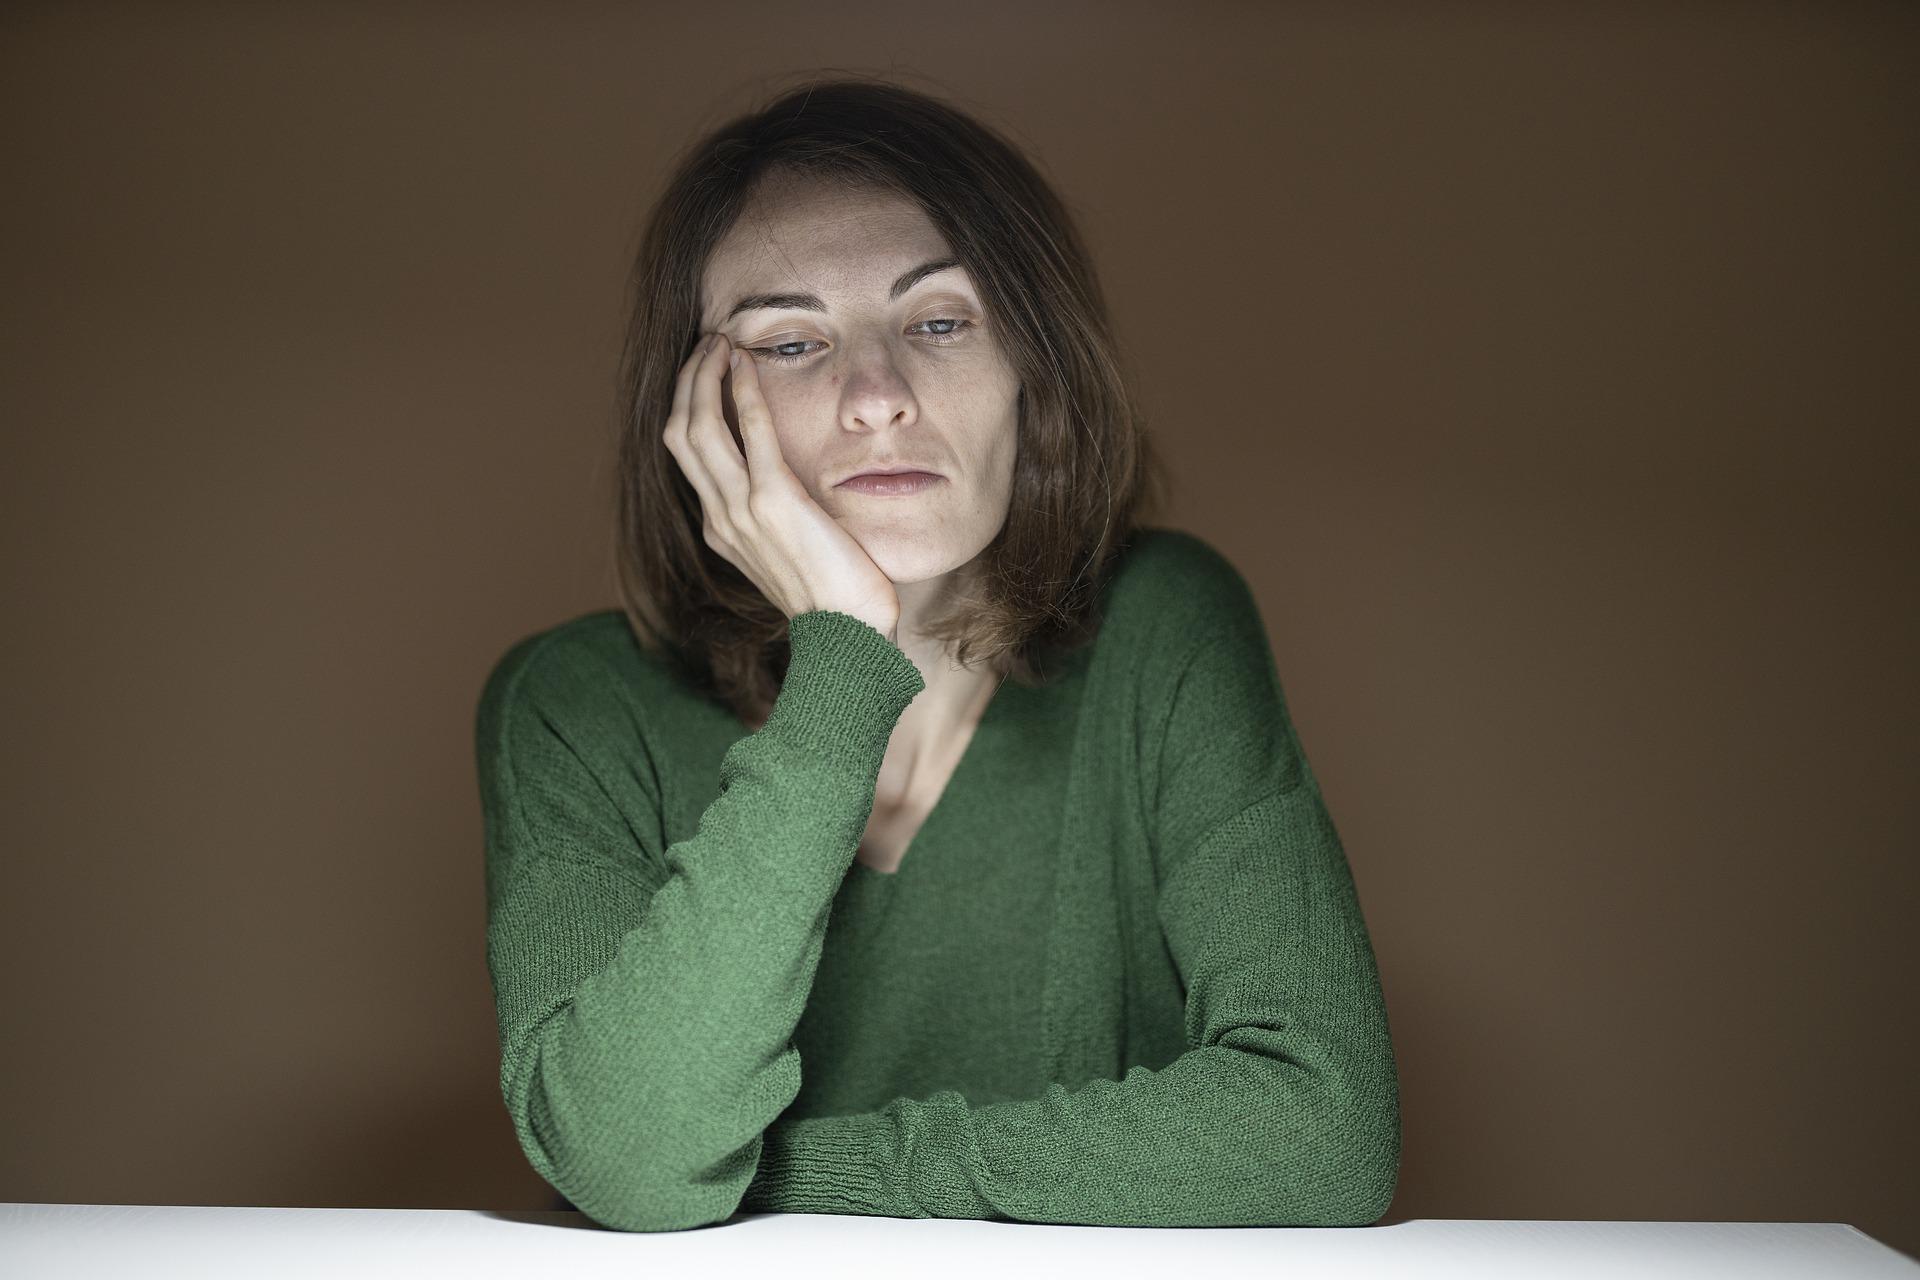 Kvinna som stöder ansiktet i handen och ser trött och uppgiven ut